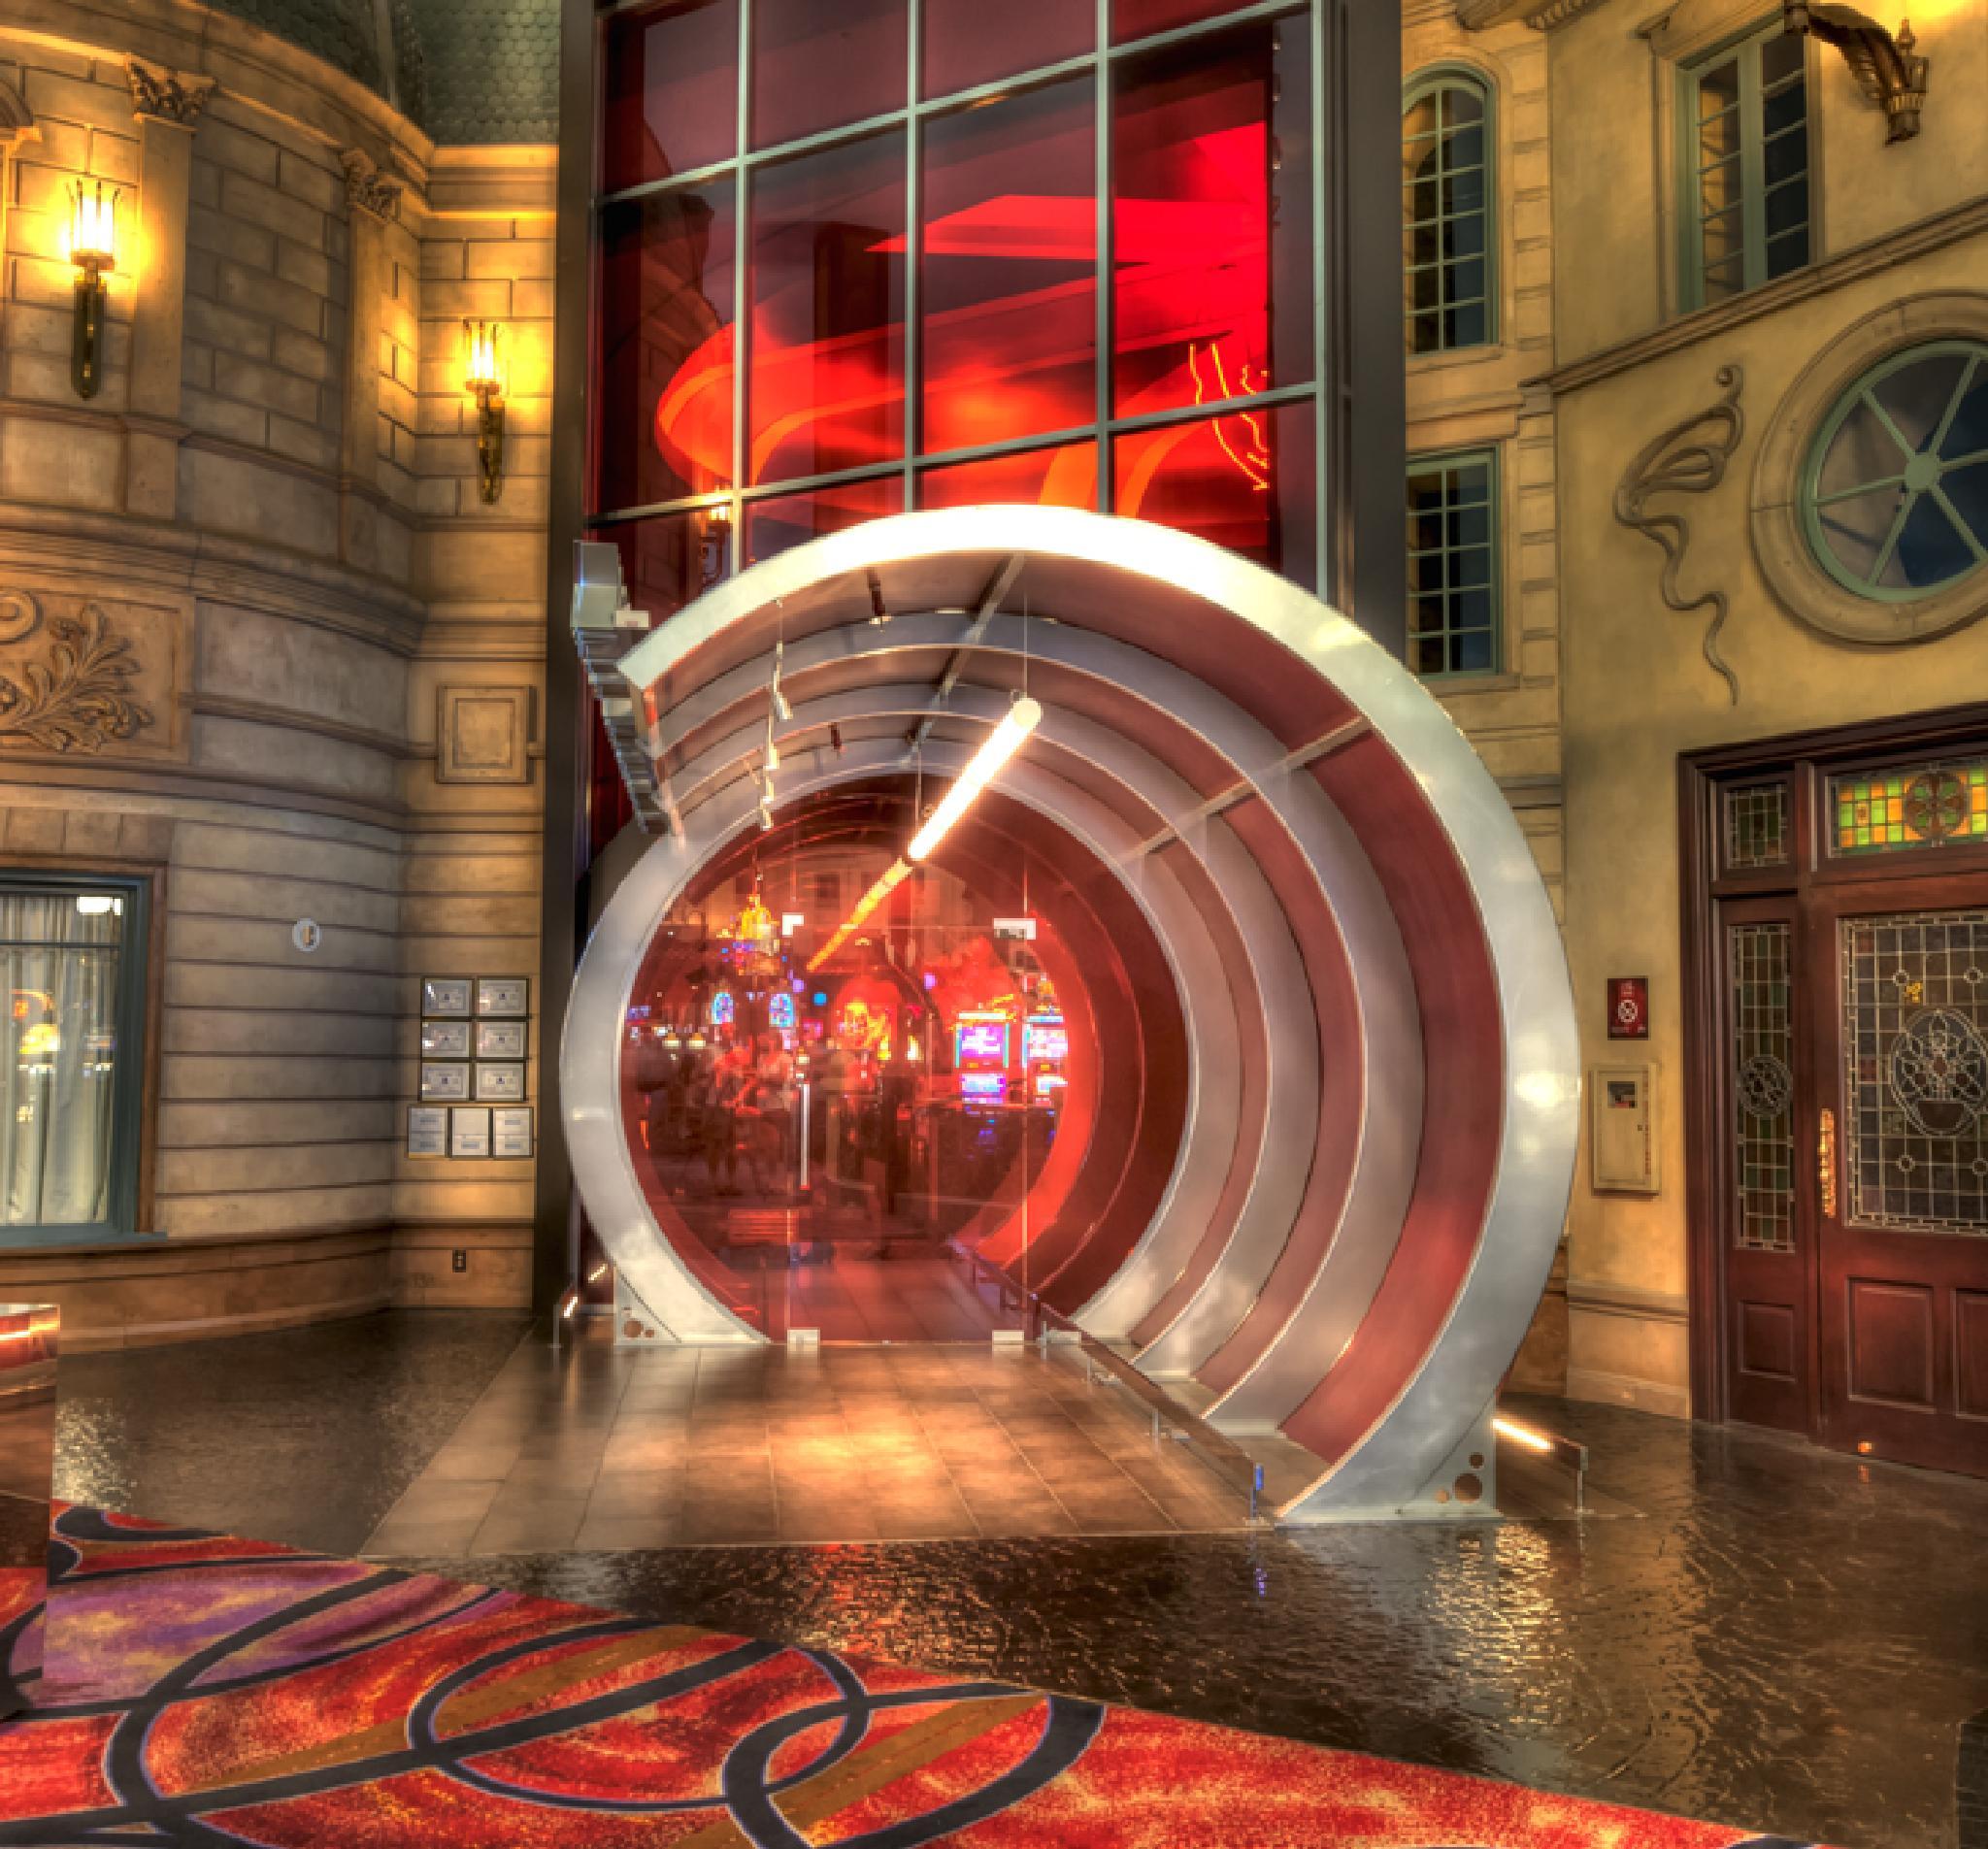 Las Vegas Entrance by Pazzophoto